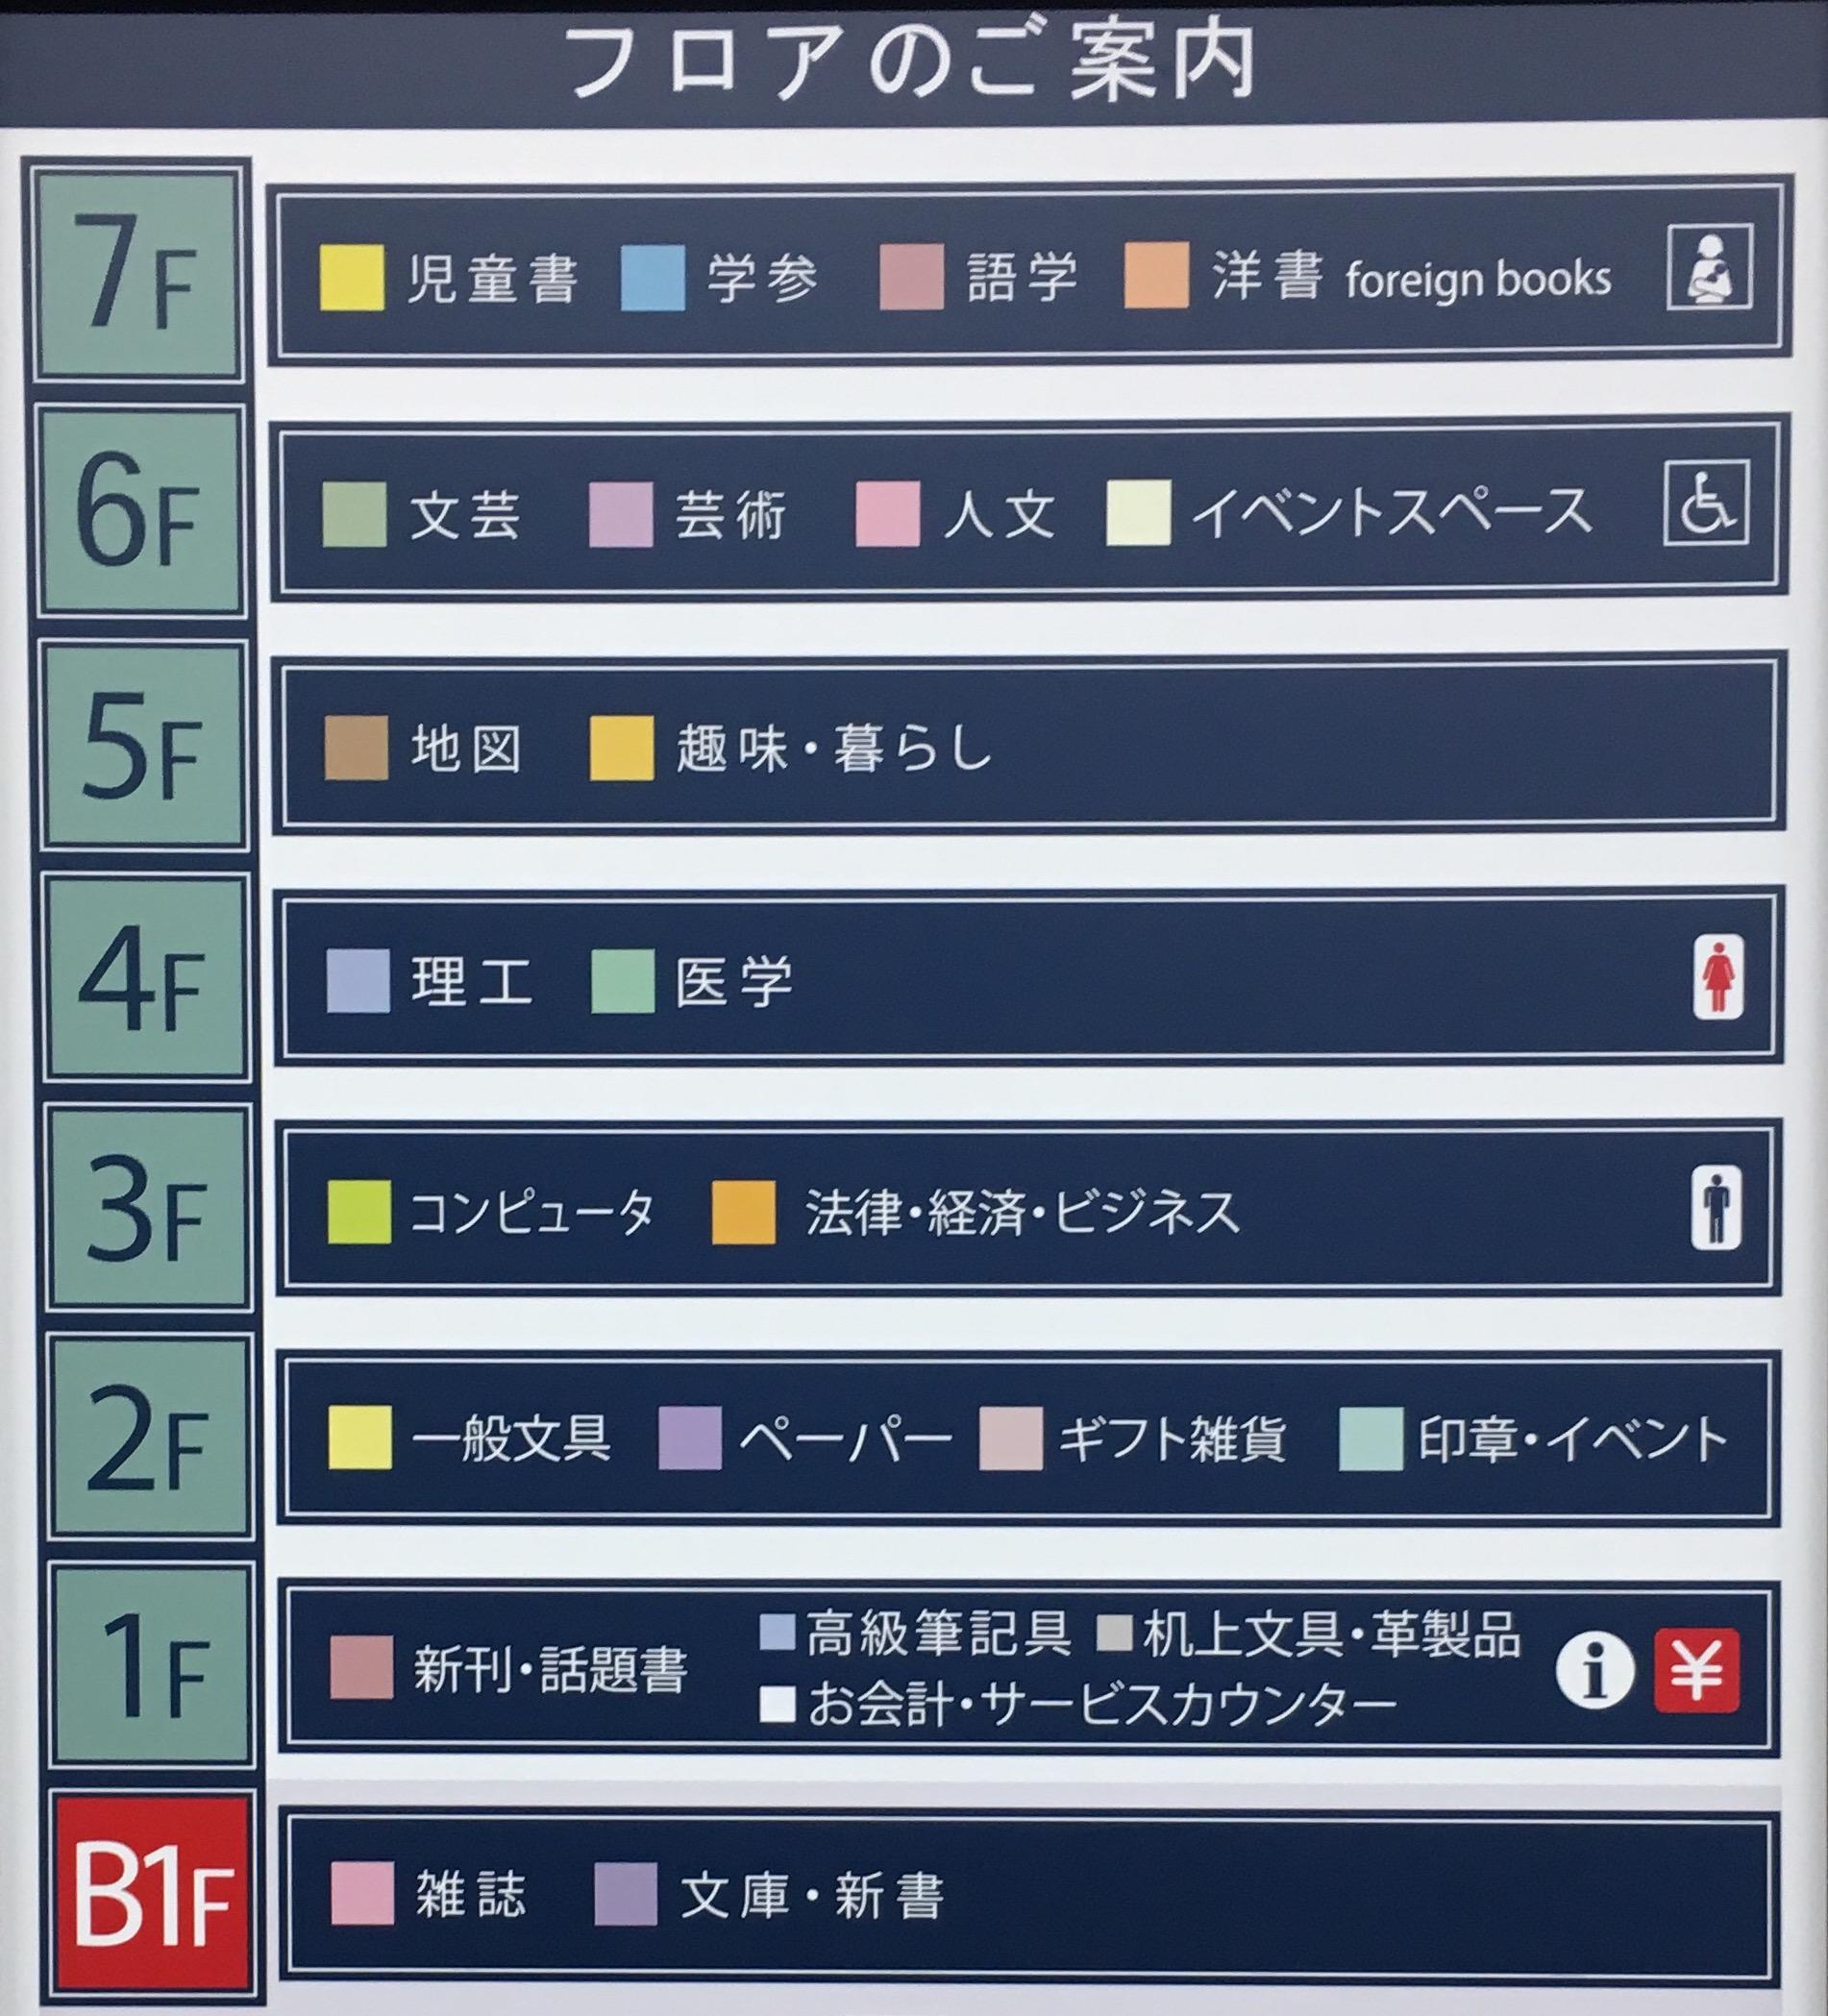 圧倒的な取り扱い冊数。読みたい本が必ず見つかる名駅・栄周辺の大型本屋まとめ - IMG 2591